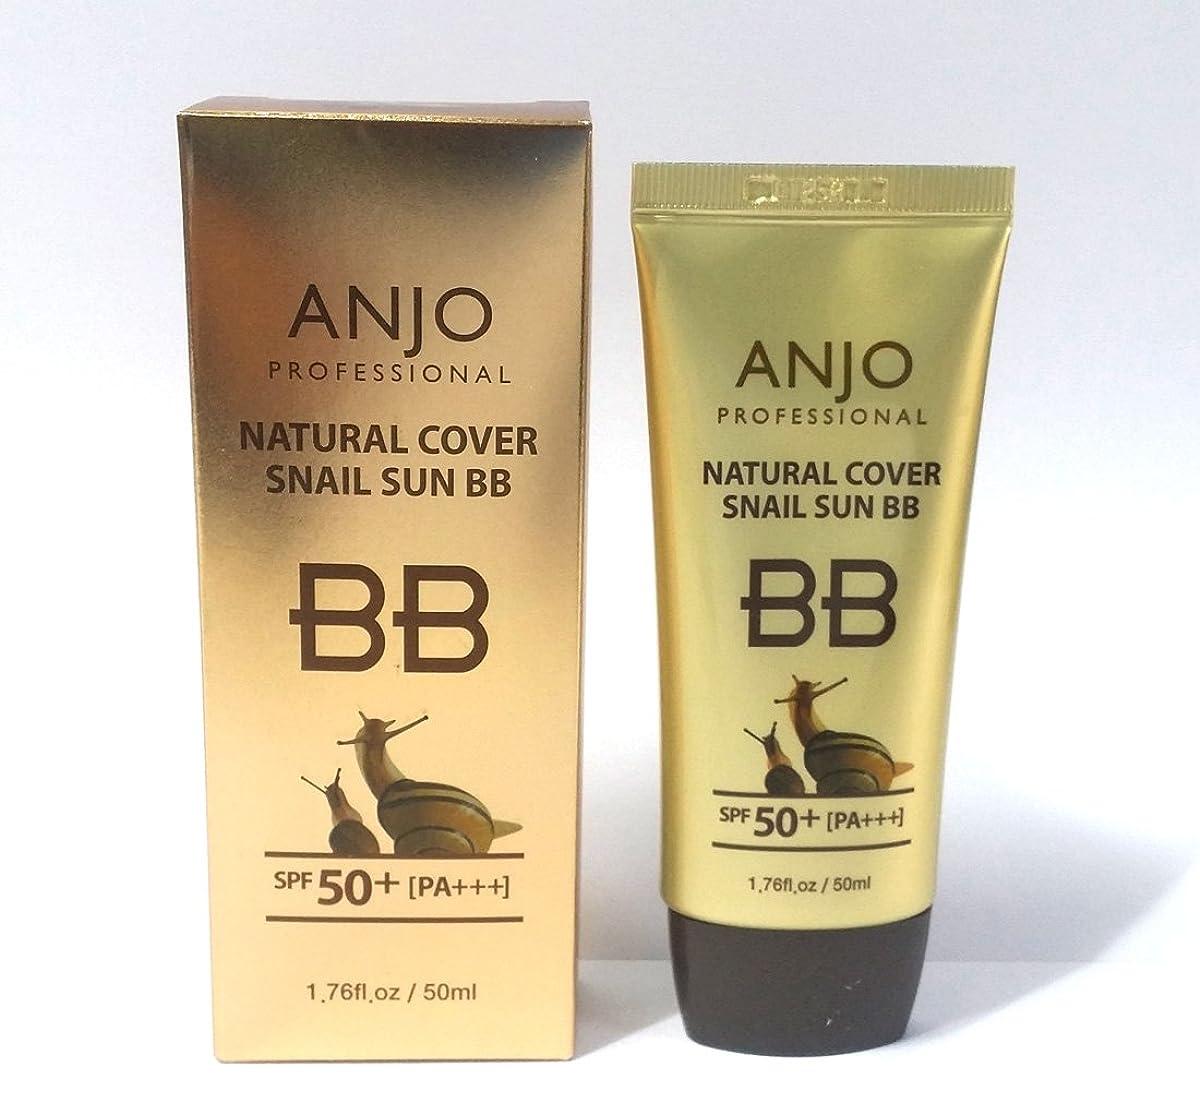 パトロールピザパンダ[ANJO] ナチュラルカバーカタツムリサンBBクリームSPF 50 + PA +++ 50ml X 1EA /メイクアップベース/カタツムリ粘液 / Natural Cover Snail Sun BB Cream SPF 50+PA+++ 50ml X 1EA / Makeup Base / Snail Mucus / 韓国化粧品 / Korean Cosmetics [並行輸入品]